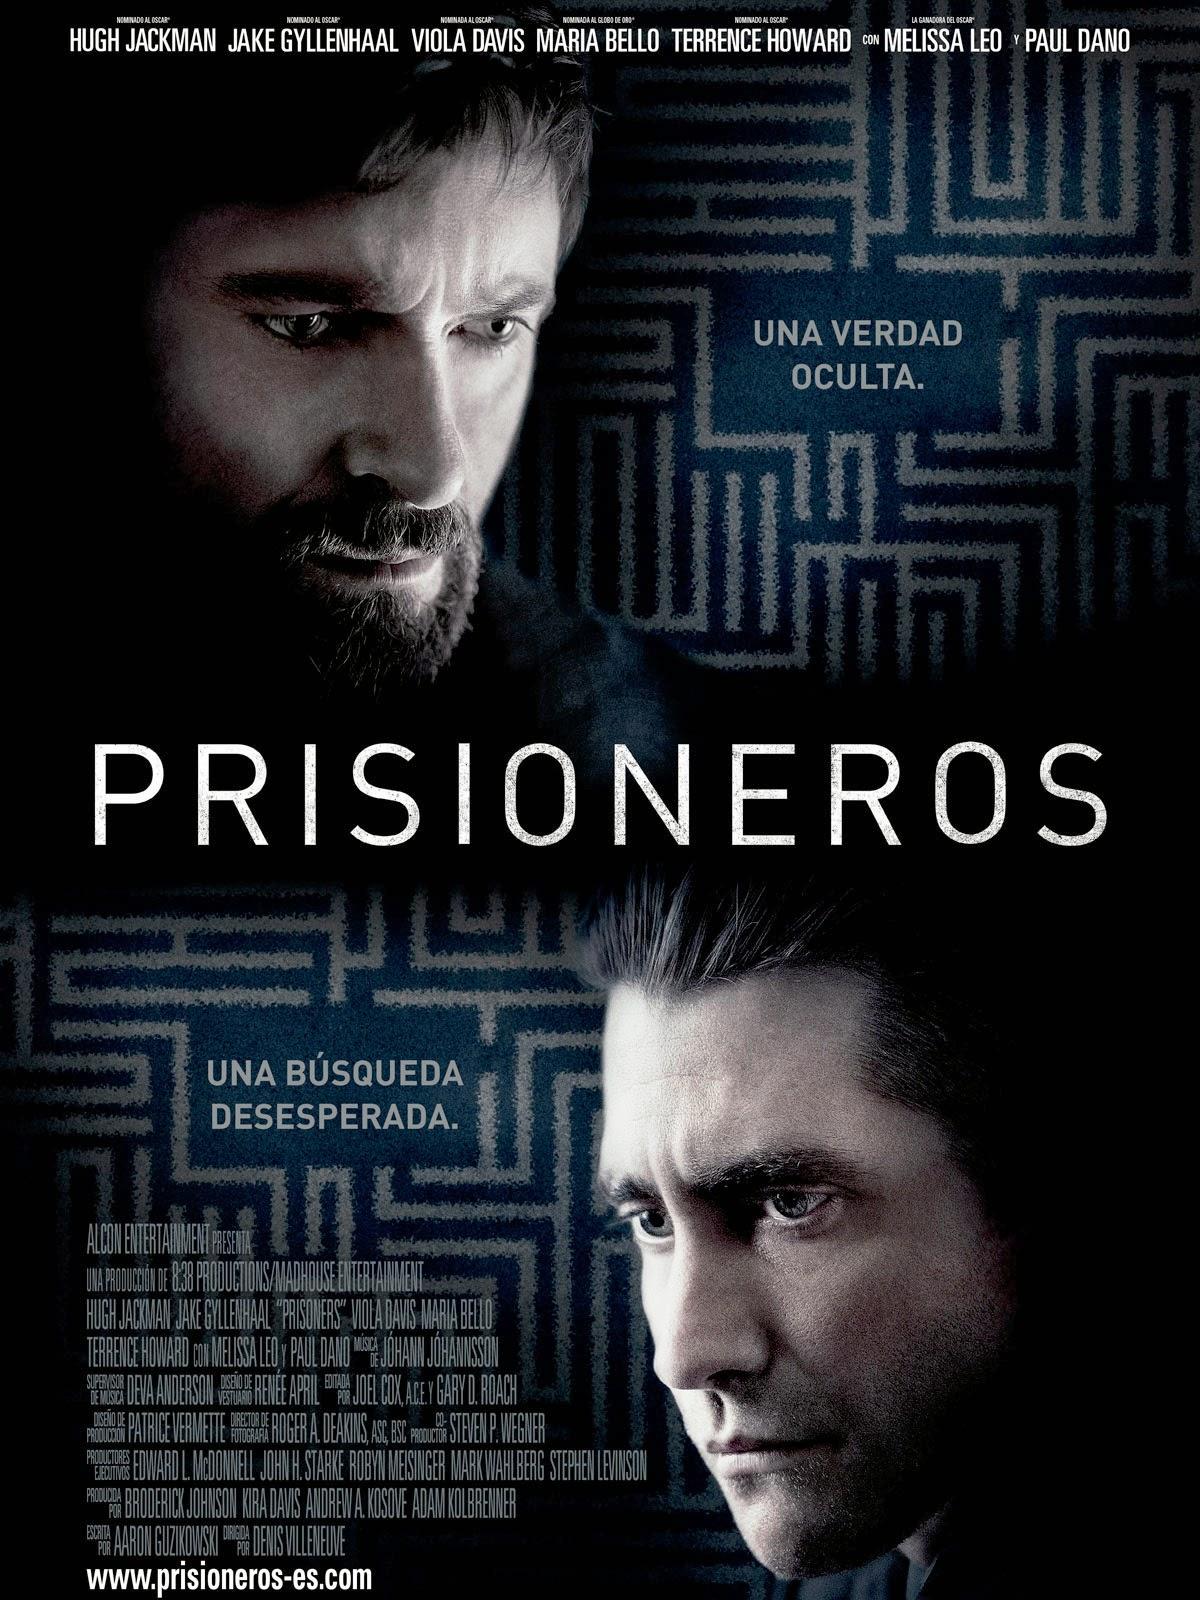 Prisioneros, Denis, Villeneuve